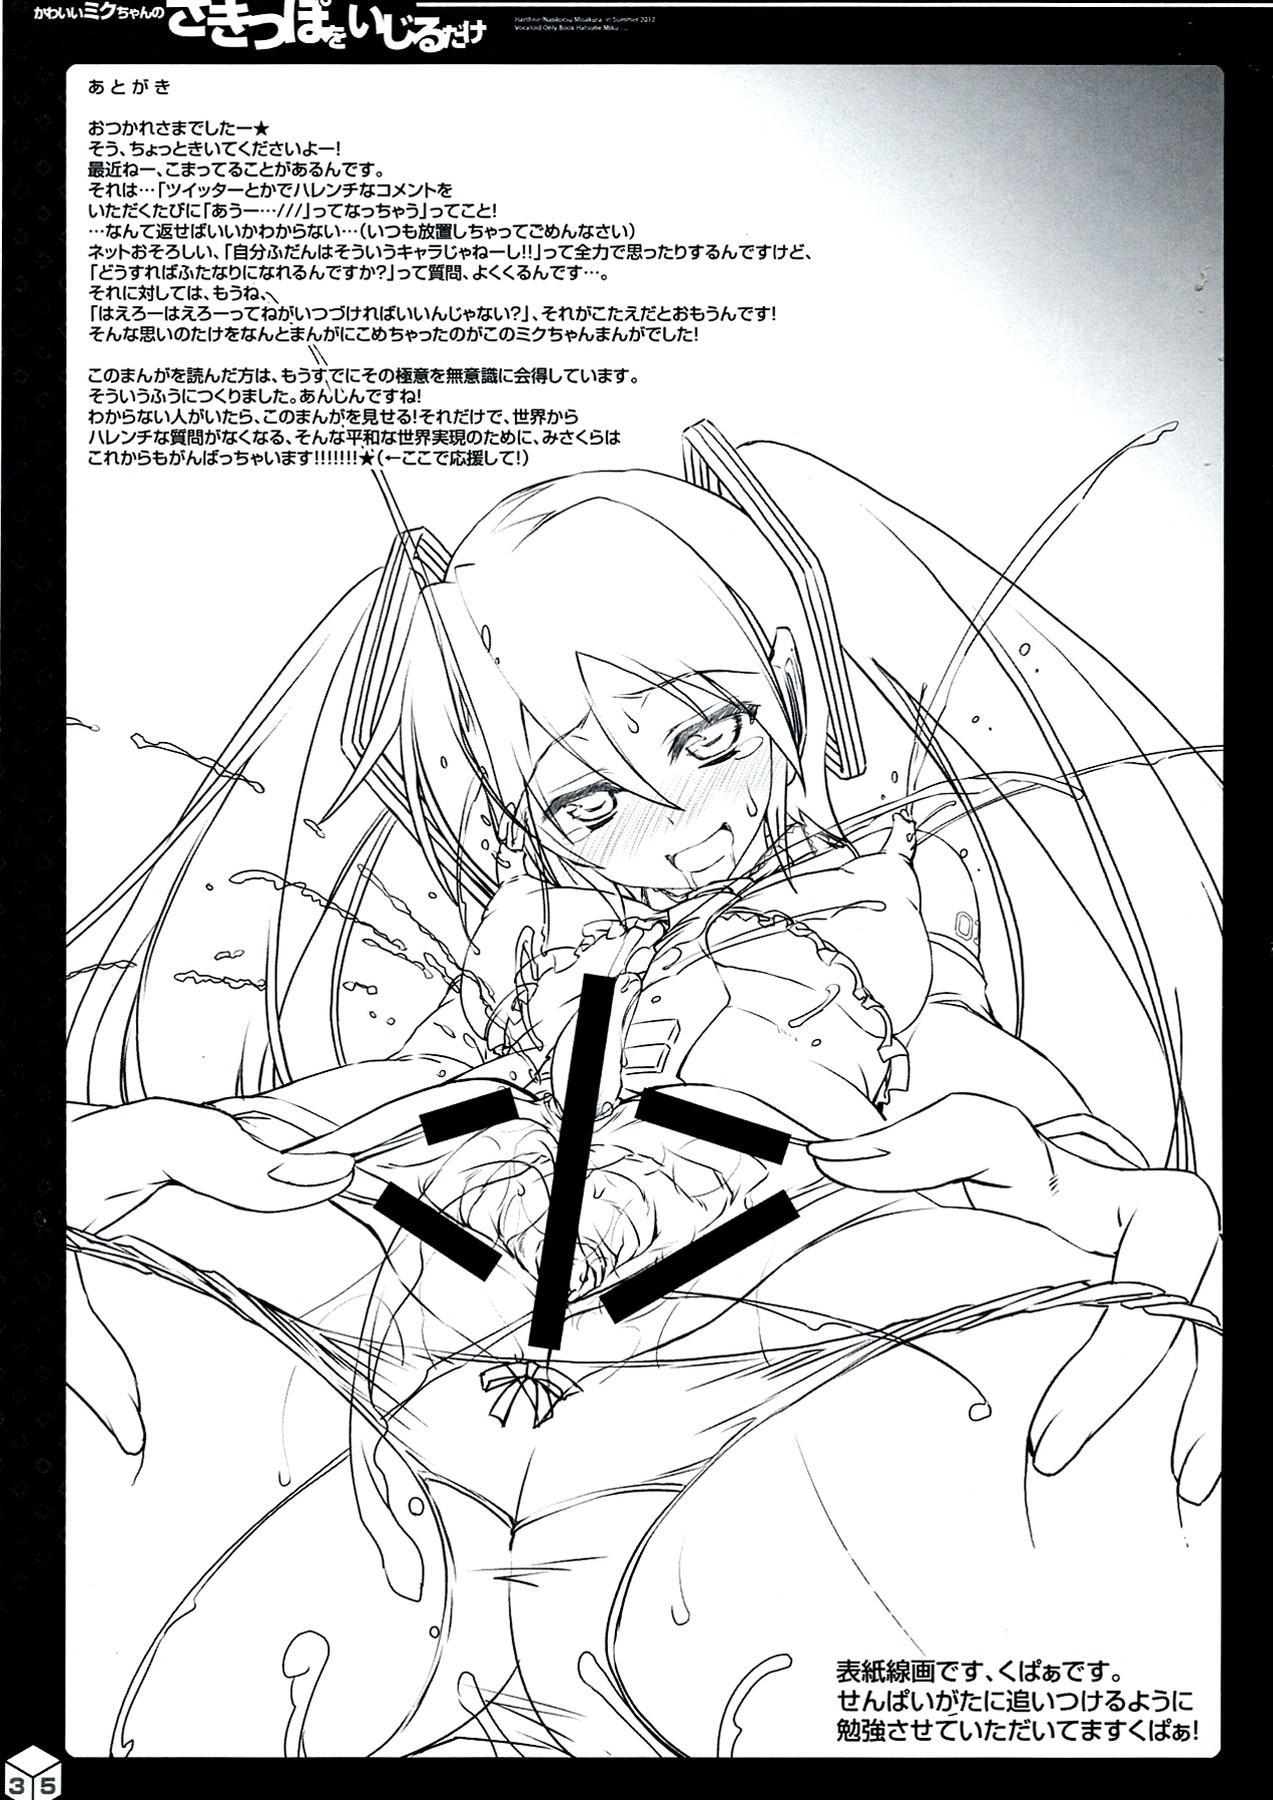 Kawaii Miku-chan no Sakippo wo Ijiru dake ++ 34